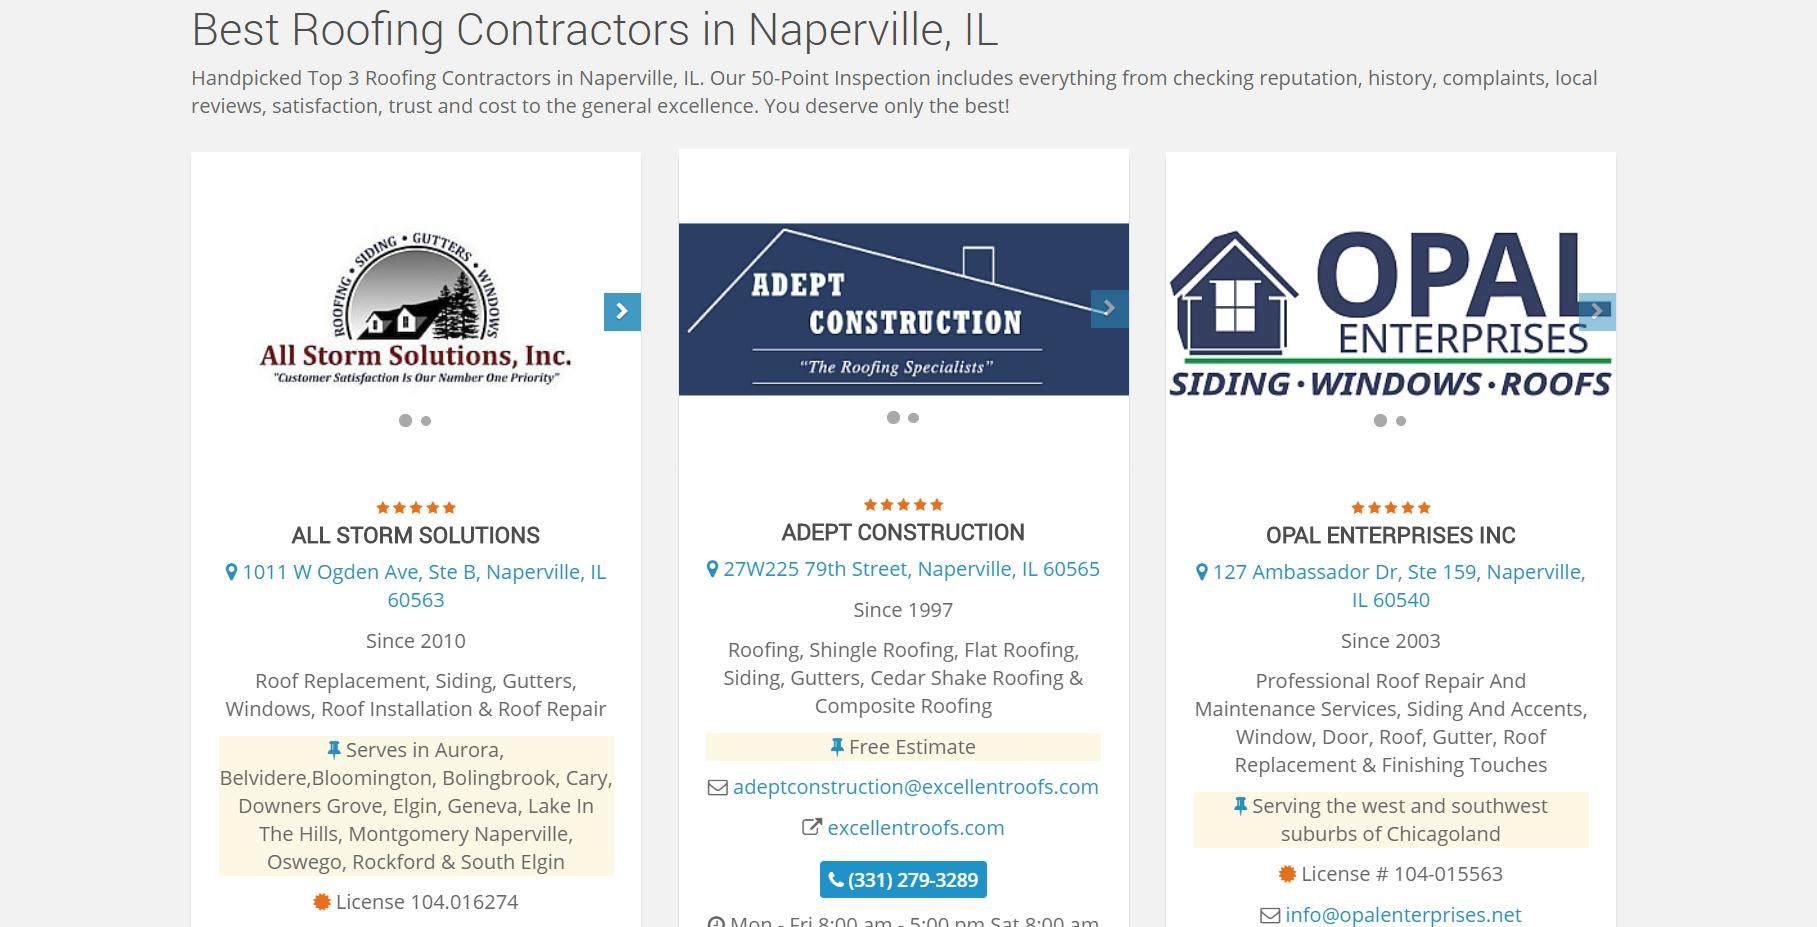 Best Roofing Contractors in Naperville